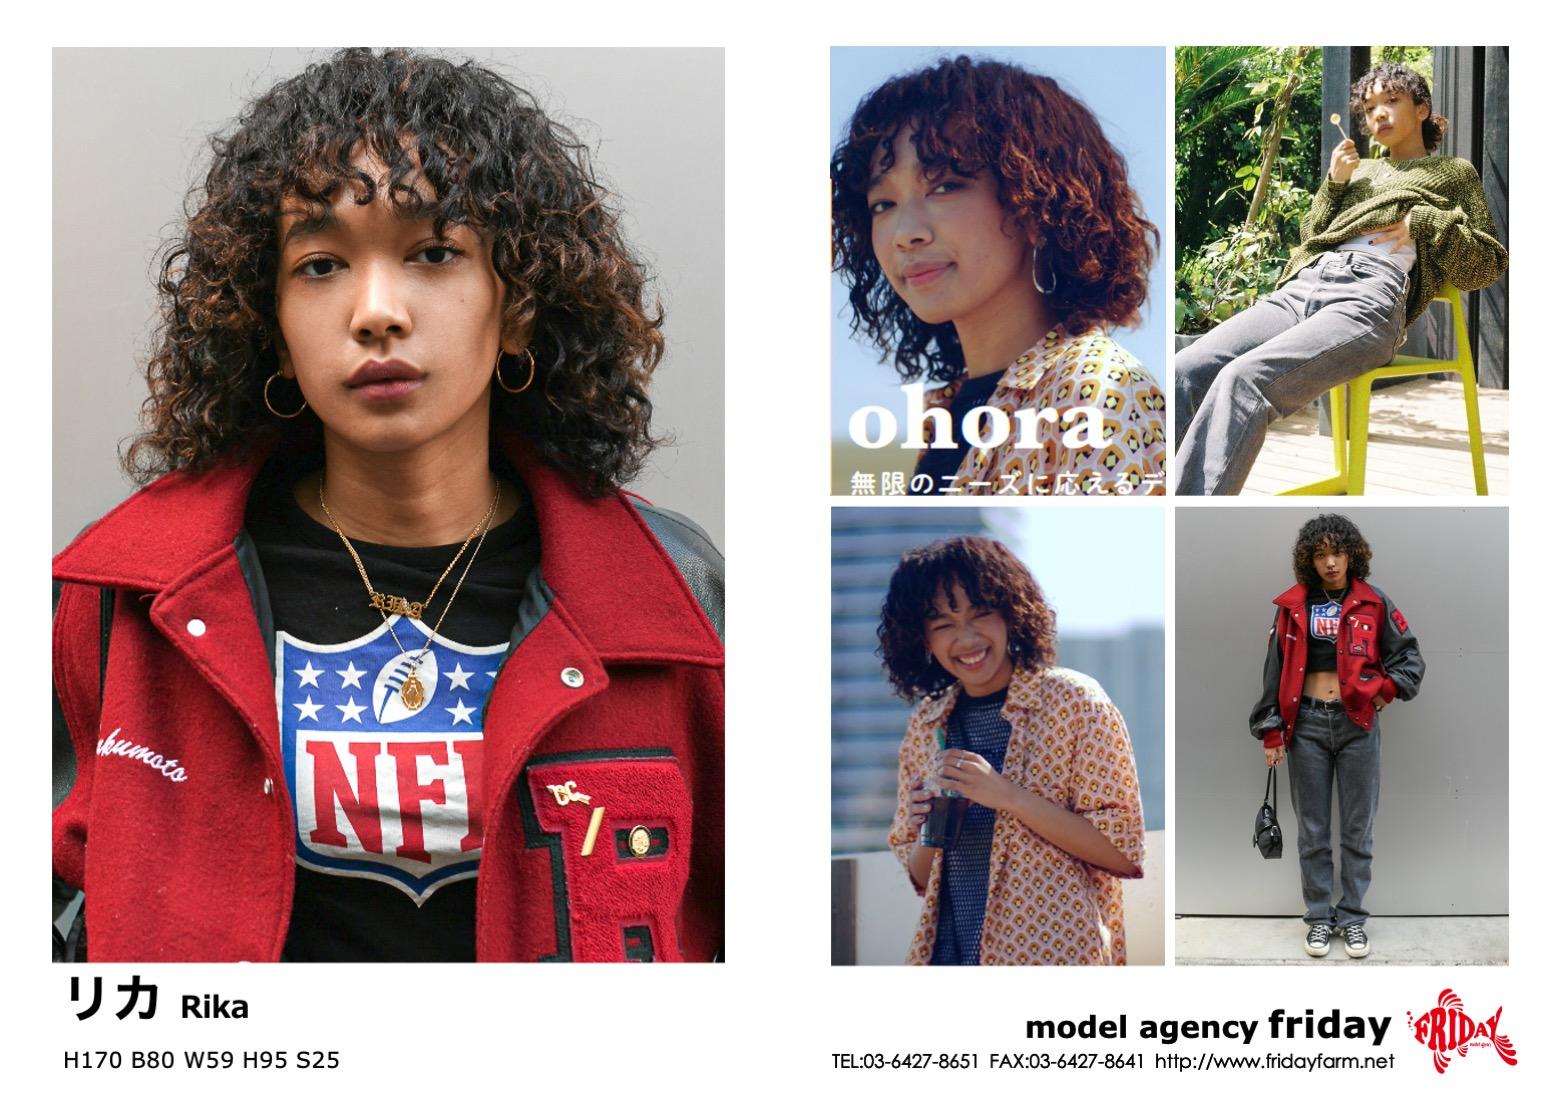 リカ - Rika   model agency friday